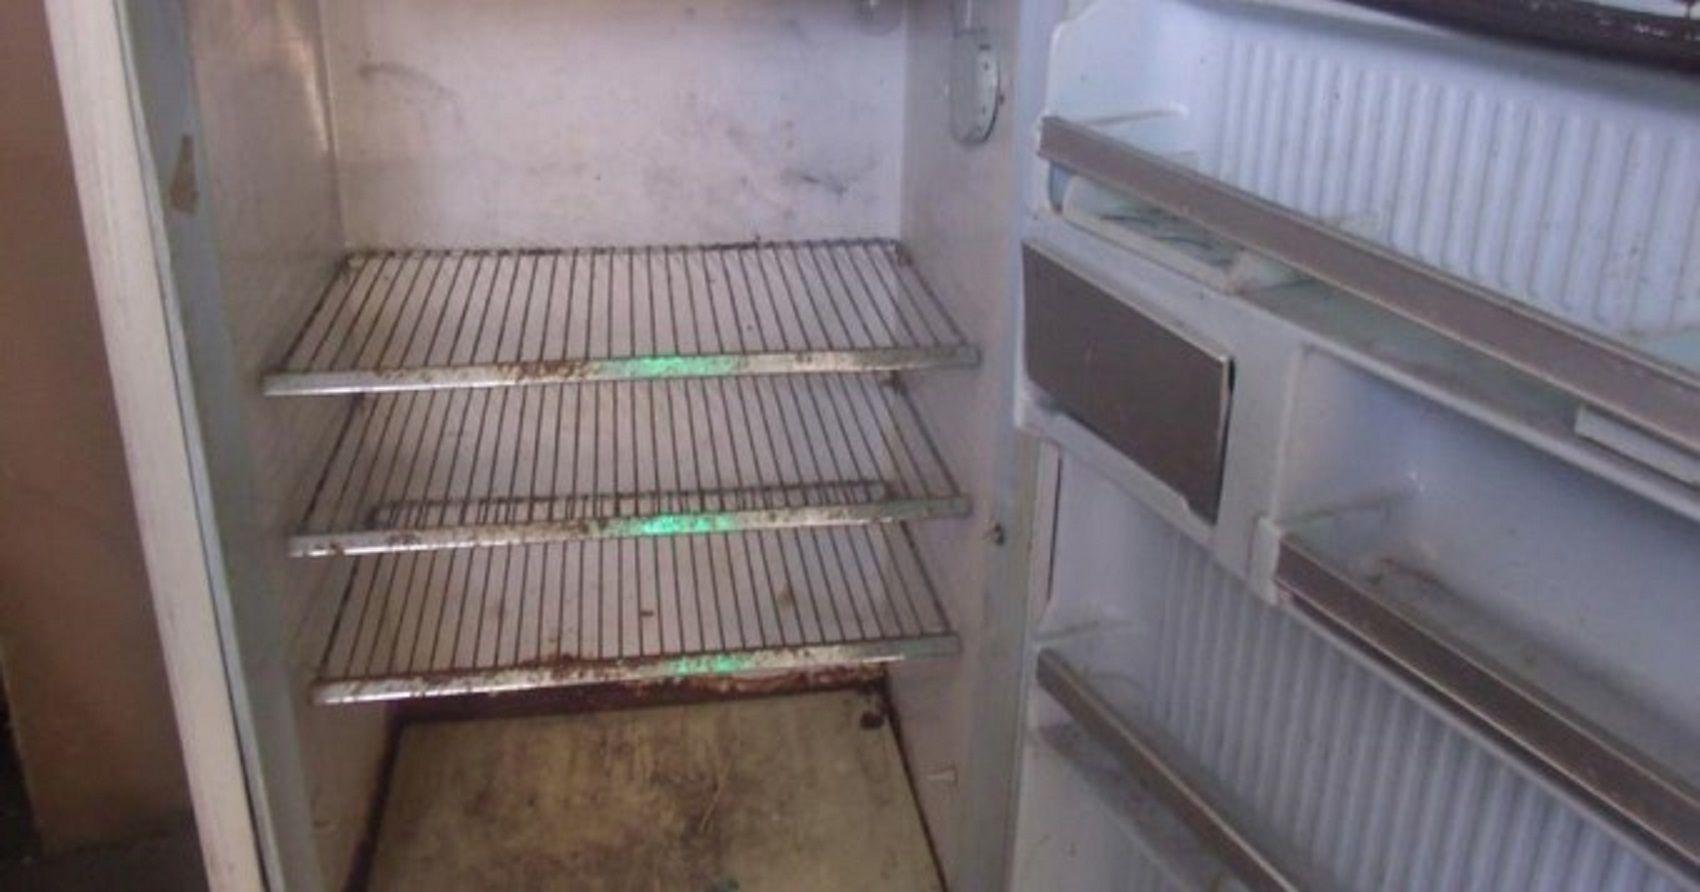 Horror en Pilar: una mujer mató a su bebé y lo metió en una heladera